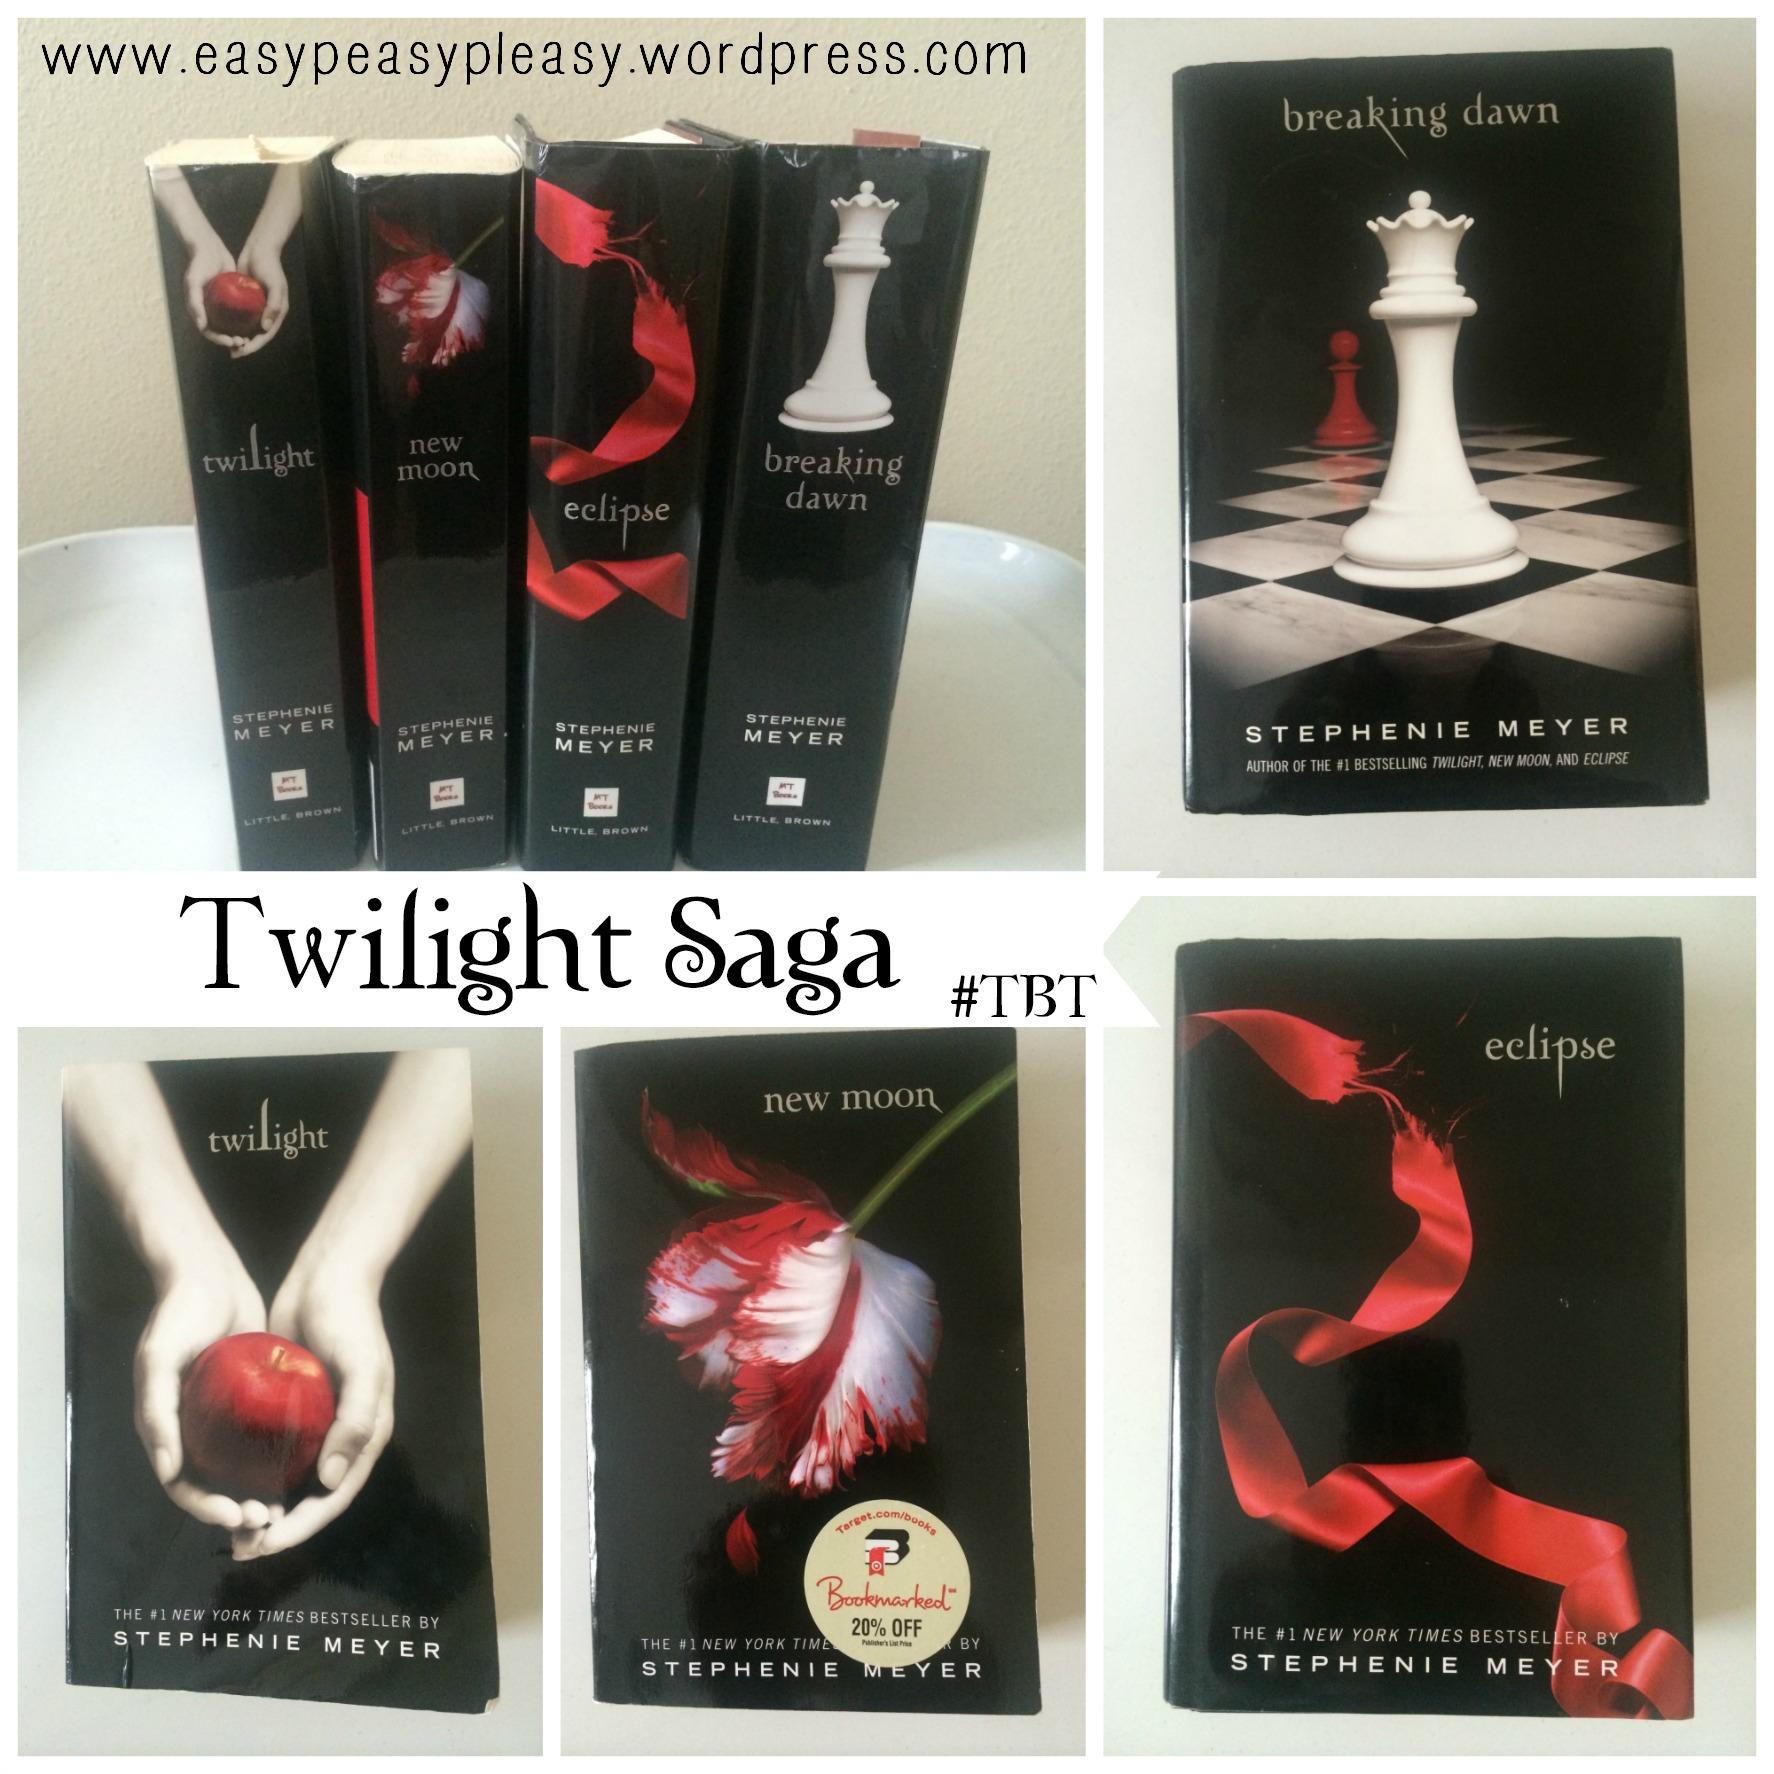 Twilight Saga party inspiration #TBT